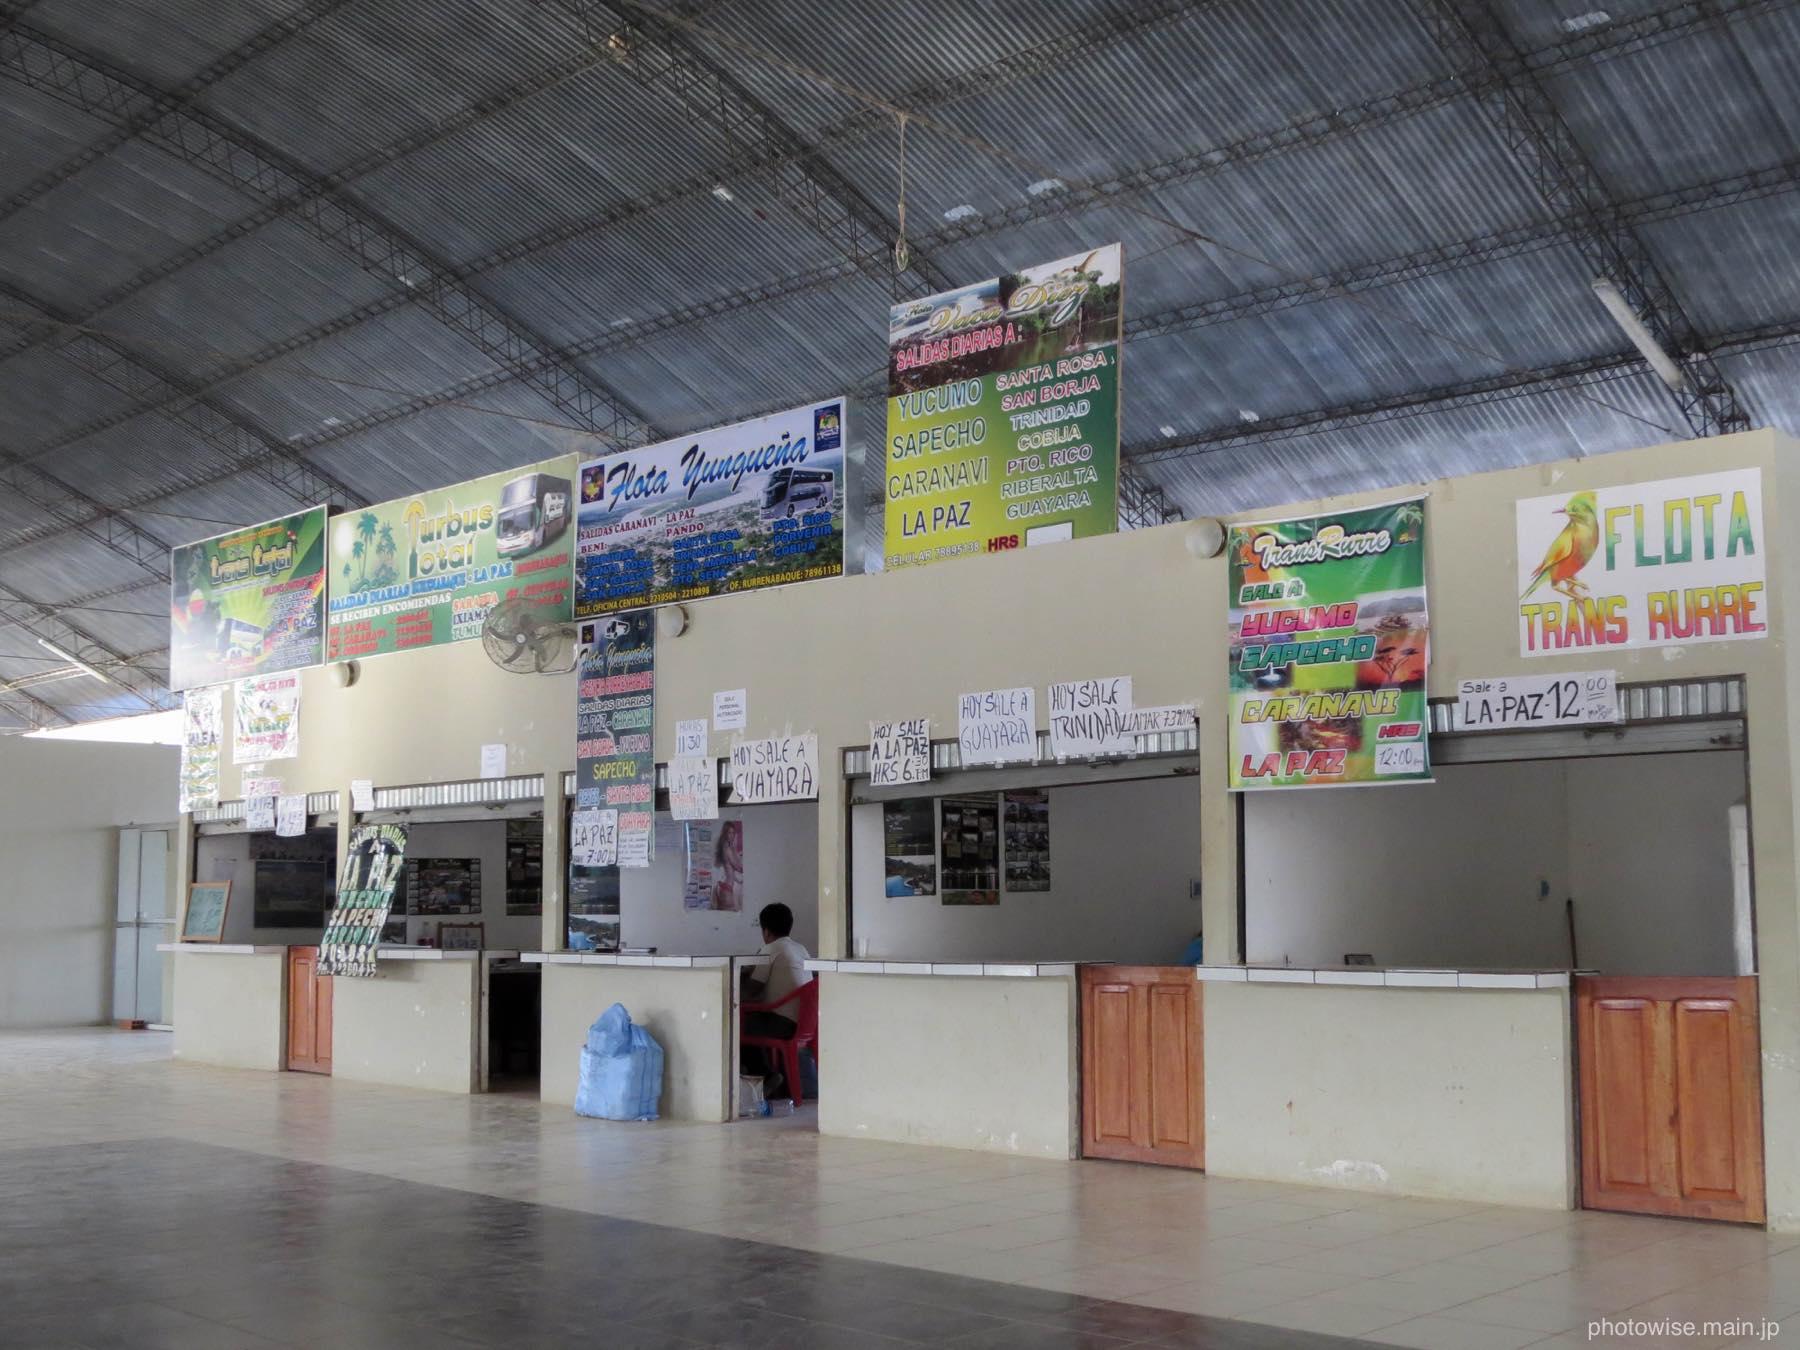 ルレナバケのバスターミナル